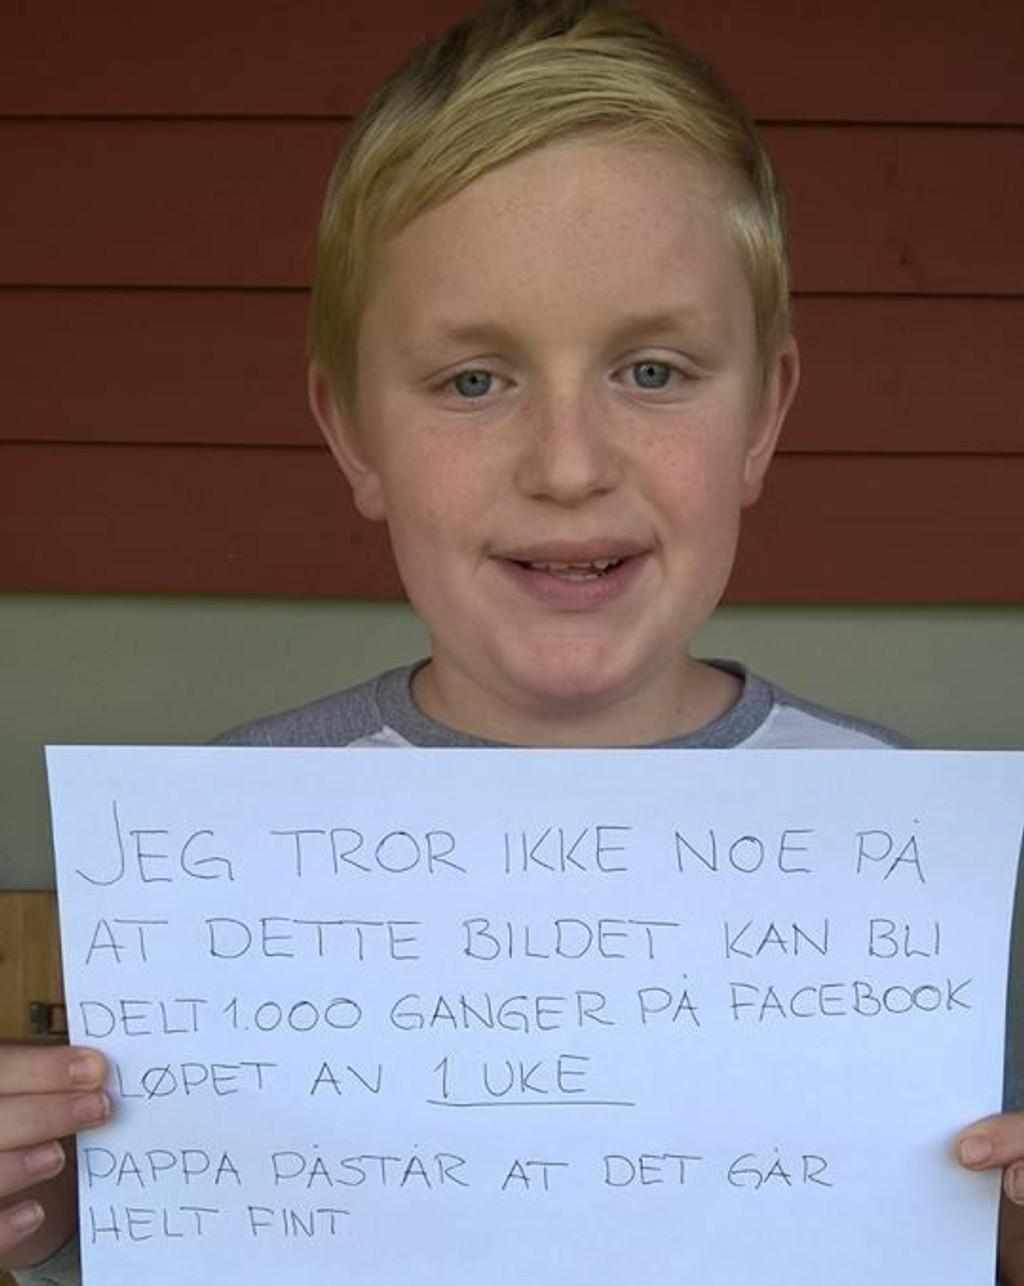 Daniel Heder Didriksen (13) trodde ikke noe på at bildet ville bli så mye delt. Onsdag kveld var det delt av 22.000.